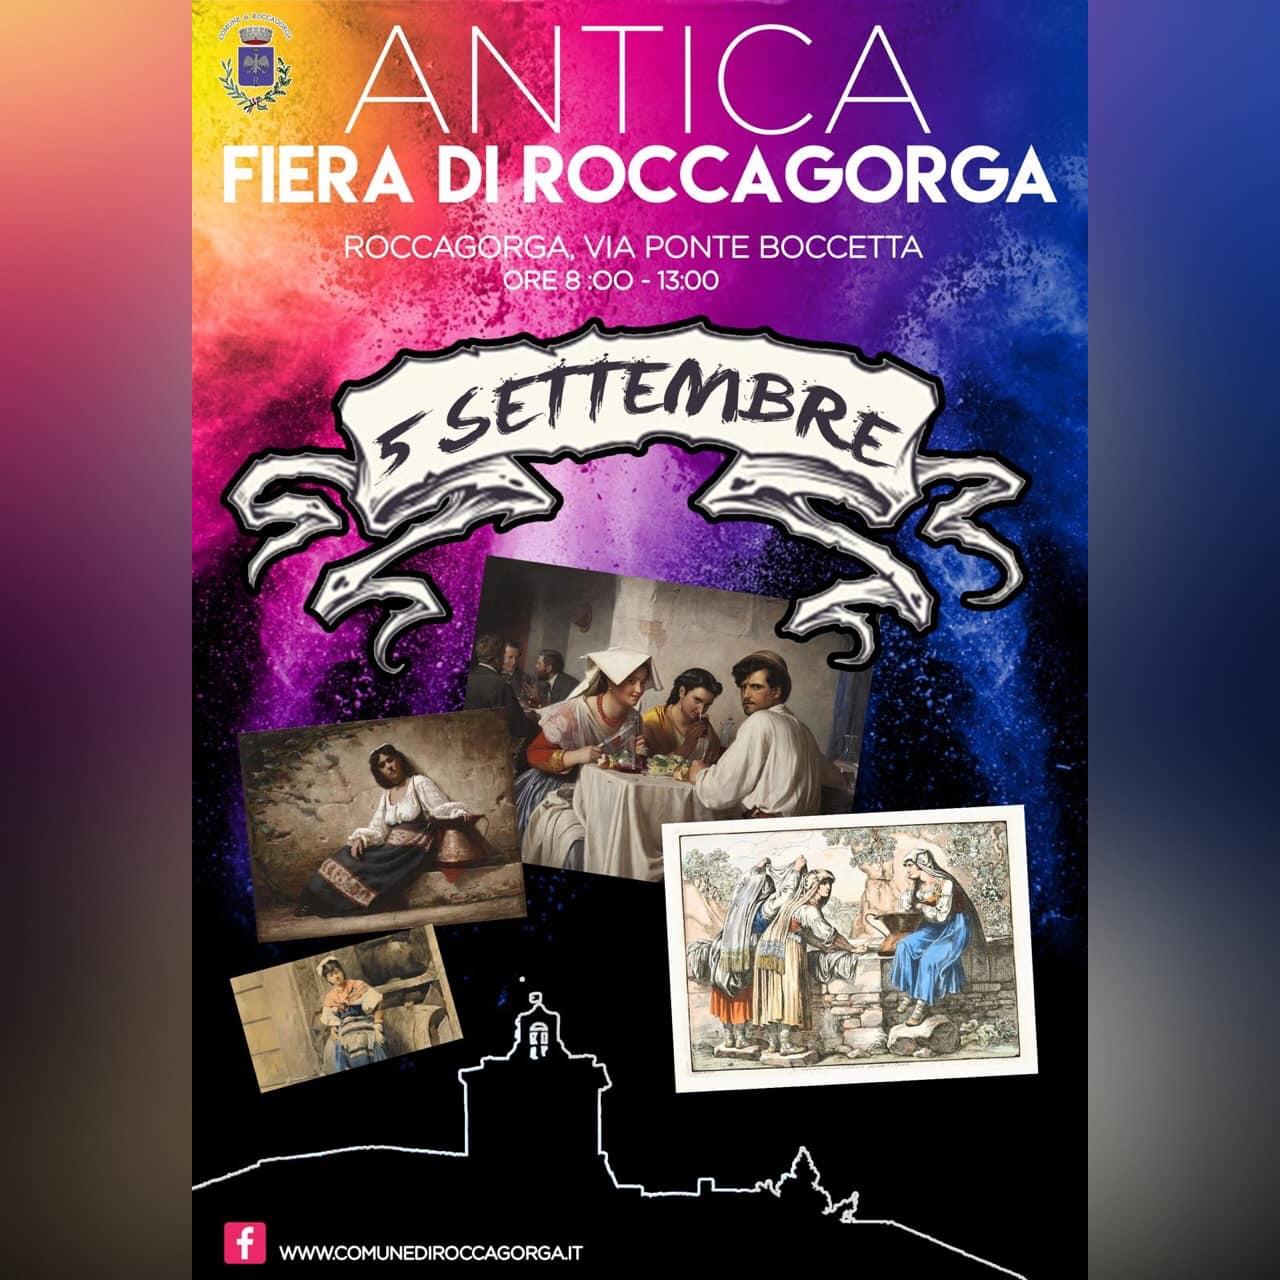 Roccagorga: Antica Fiera @ Via Ponte Boccetta | Roccagorga | Lazio | Italia